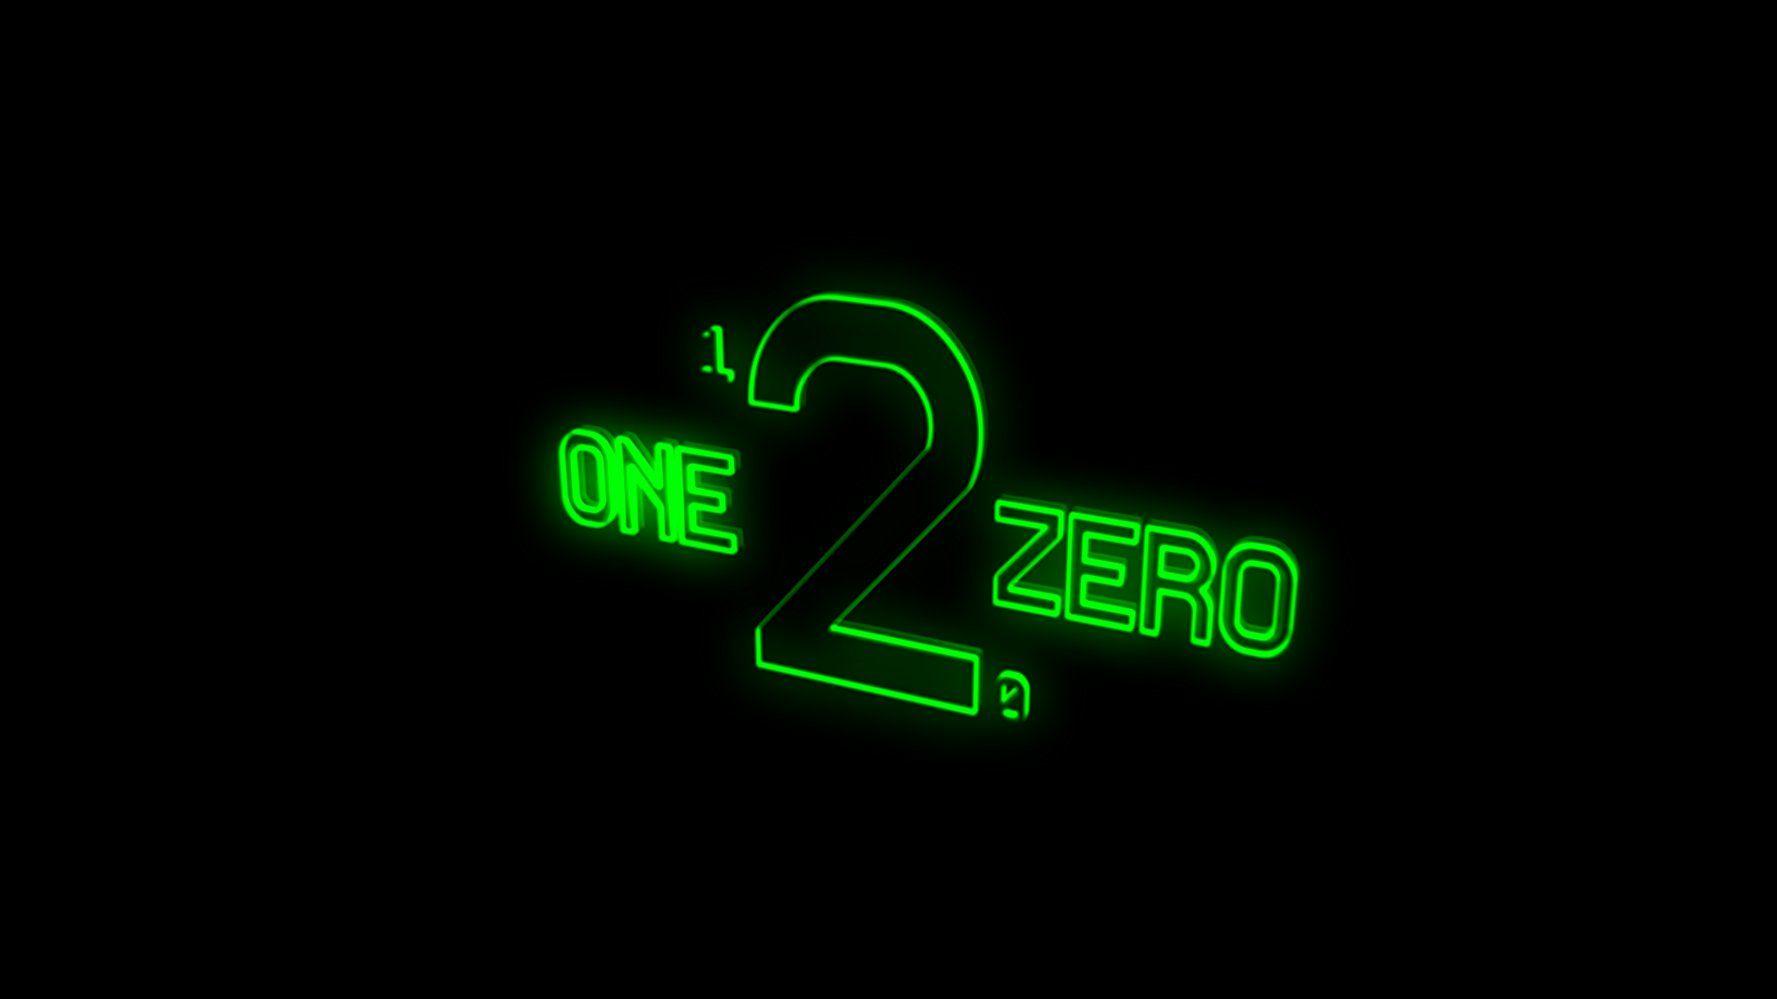 One 2 Zero